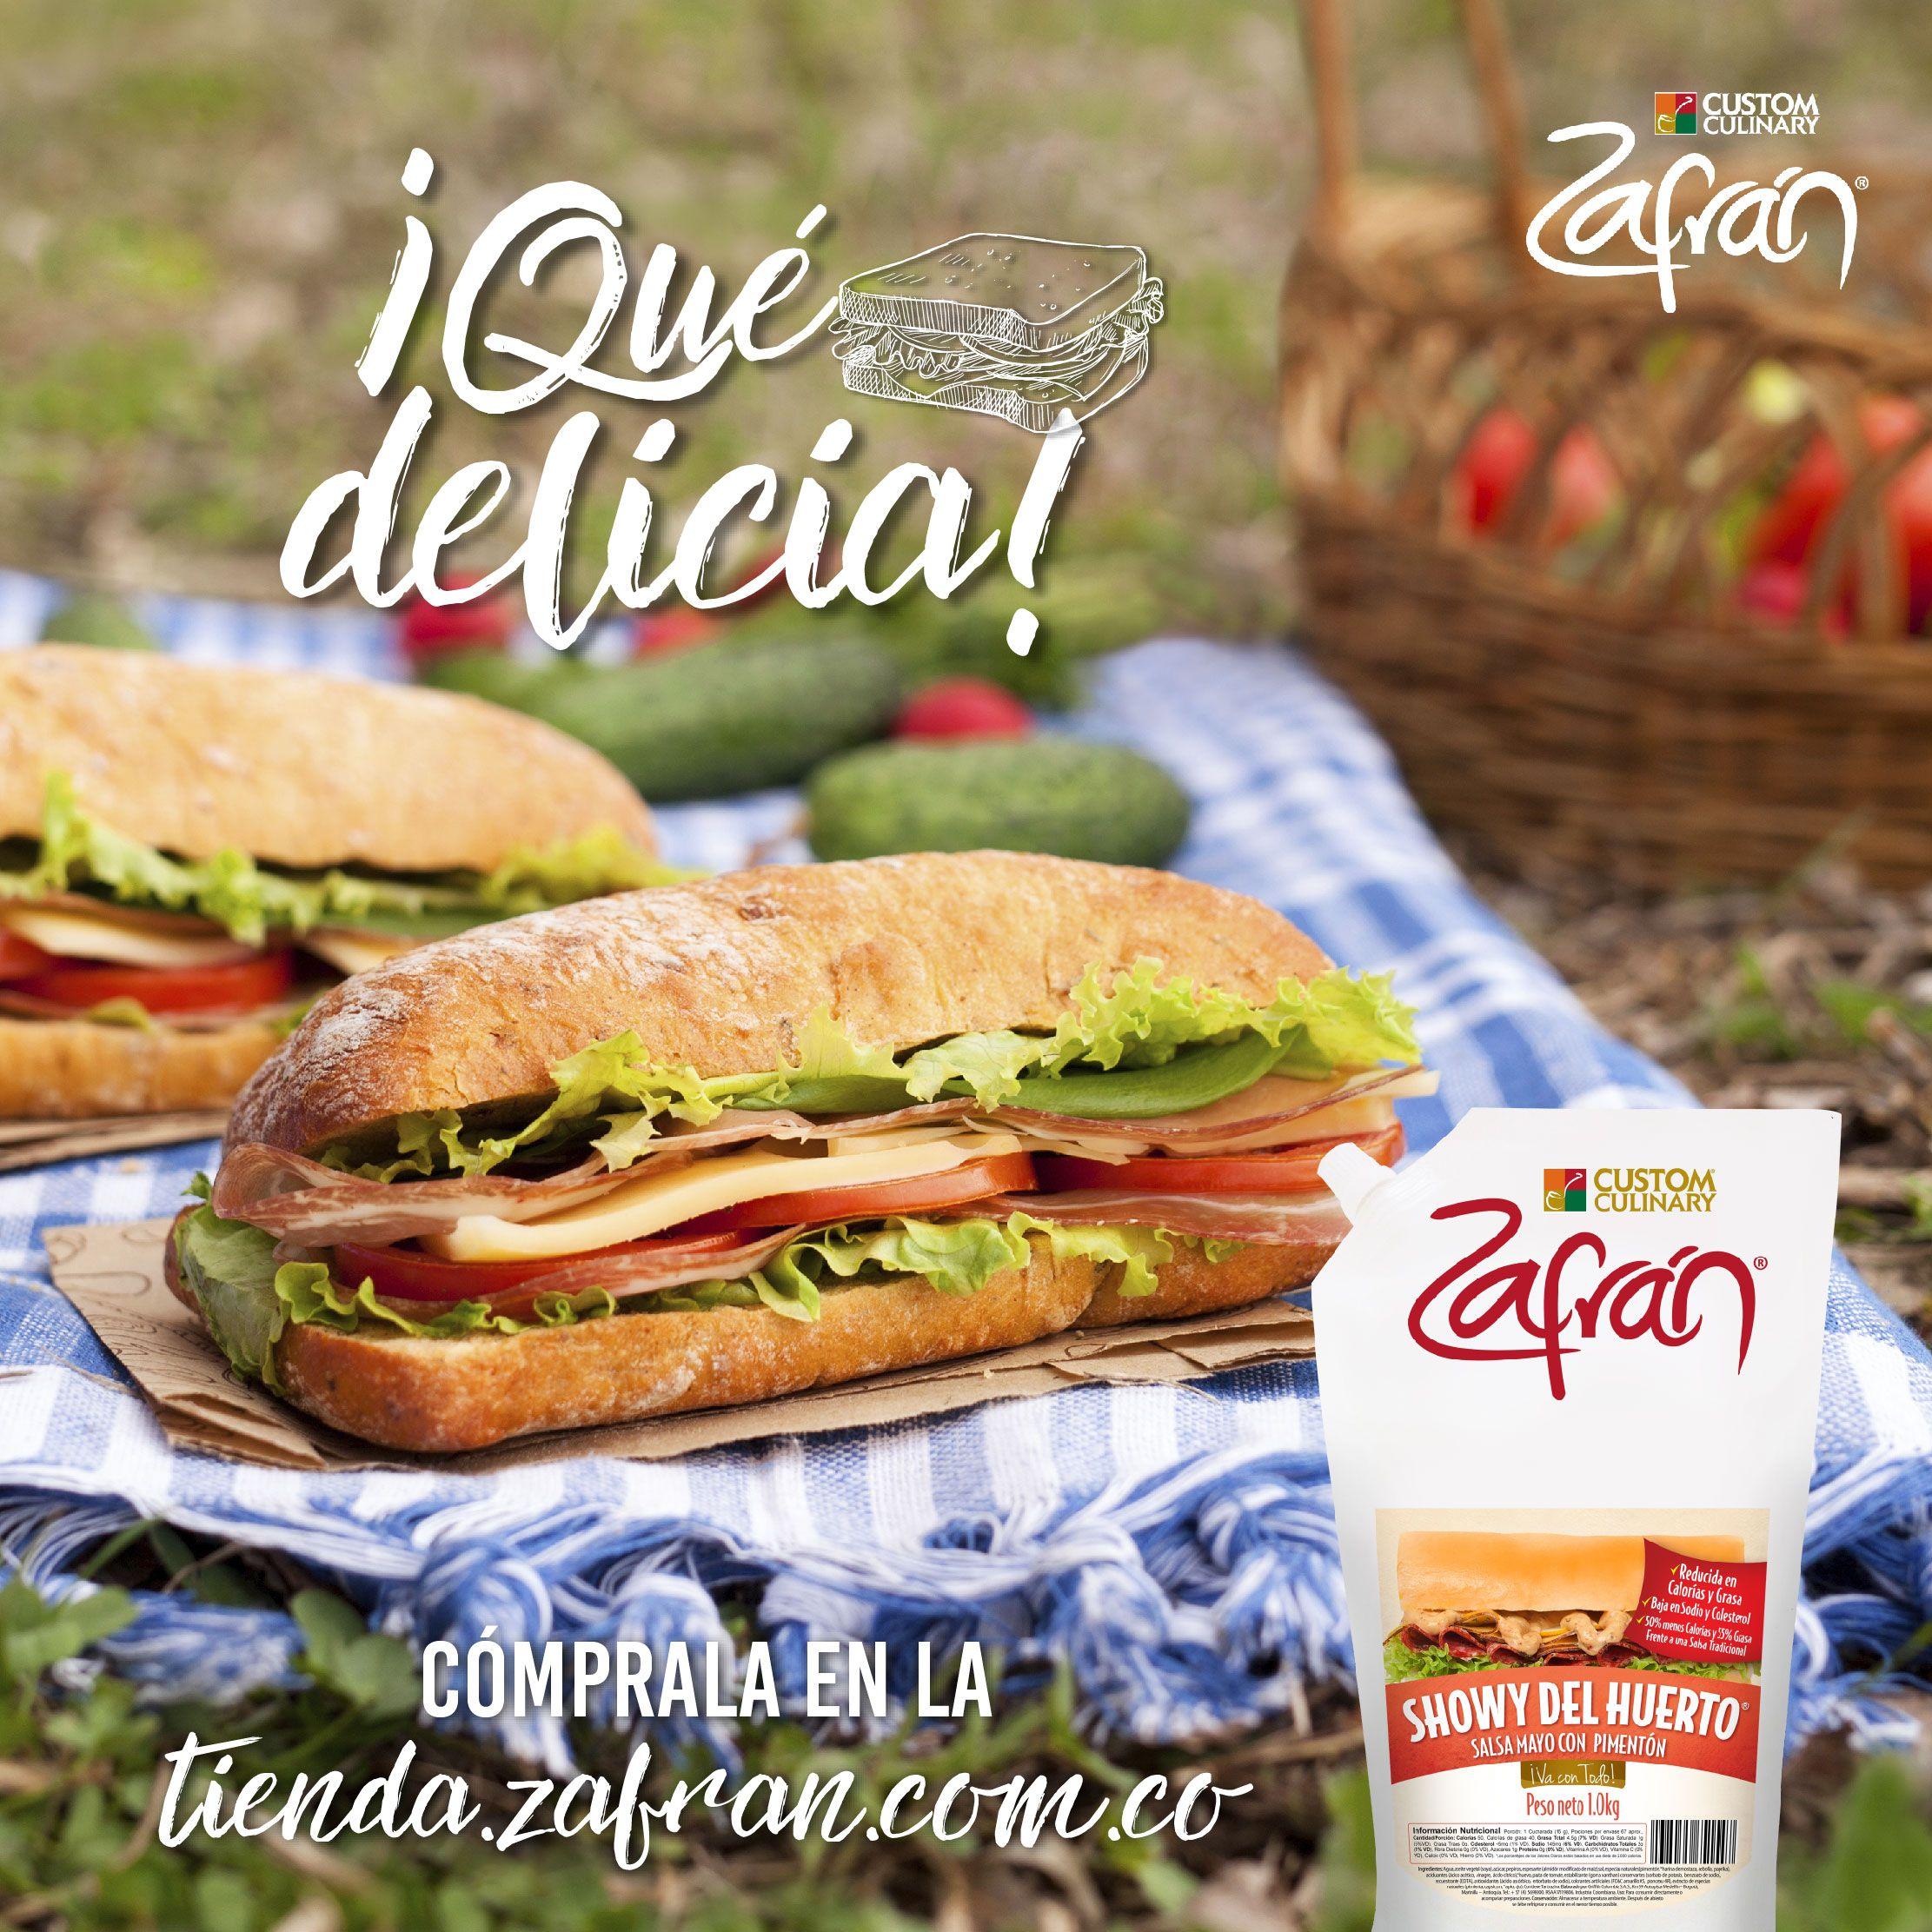 El delicioso toque de pimentón de la Showy® del Huerto Zafrán® la hace la mejor acompañante de tu sándwich. #productoszafran #universozafran